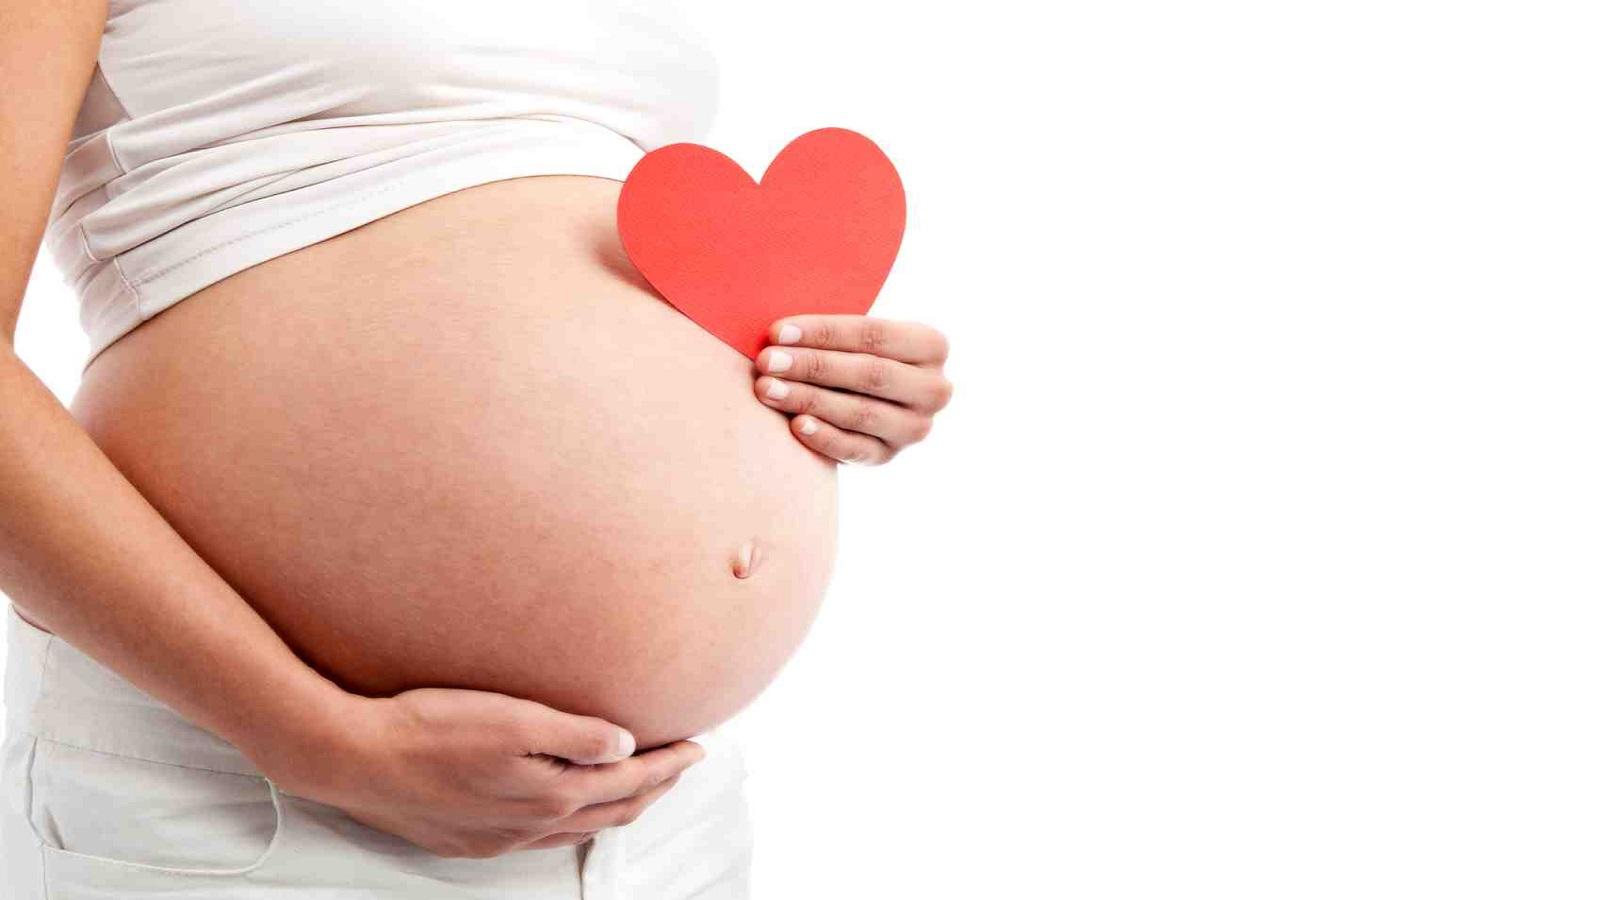 Phụ nữ mang thai và đang cho con bú cần thận trọng khi dùng thuốc